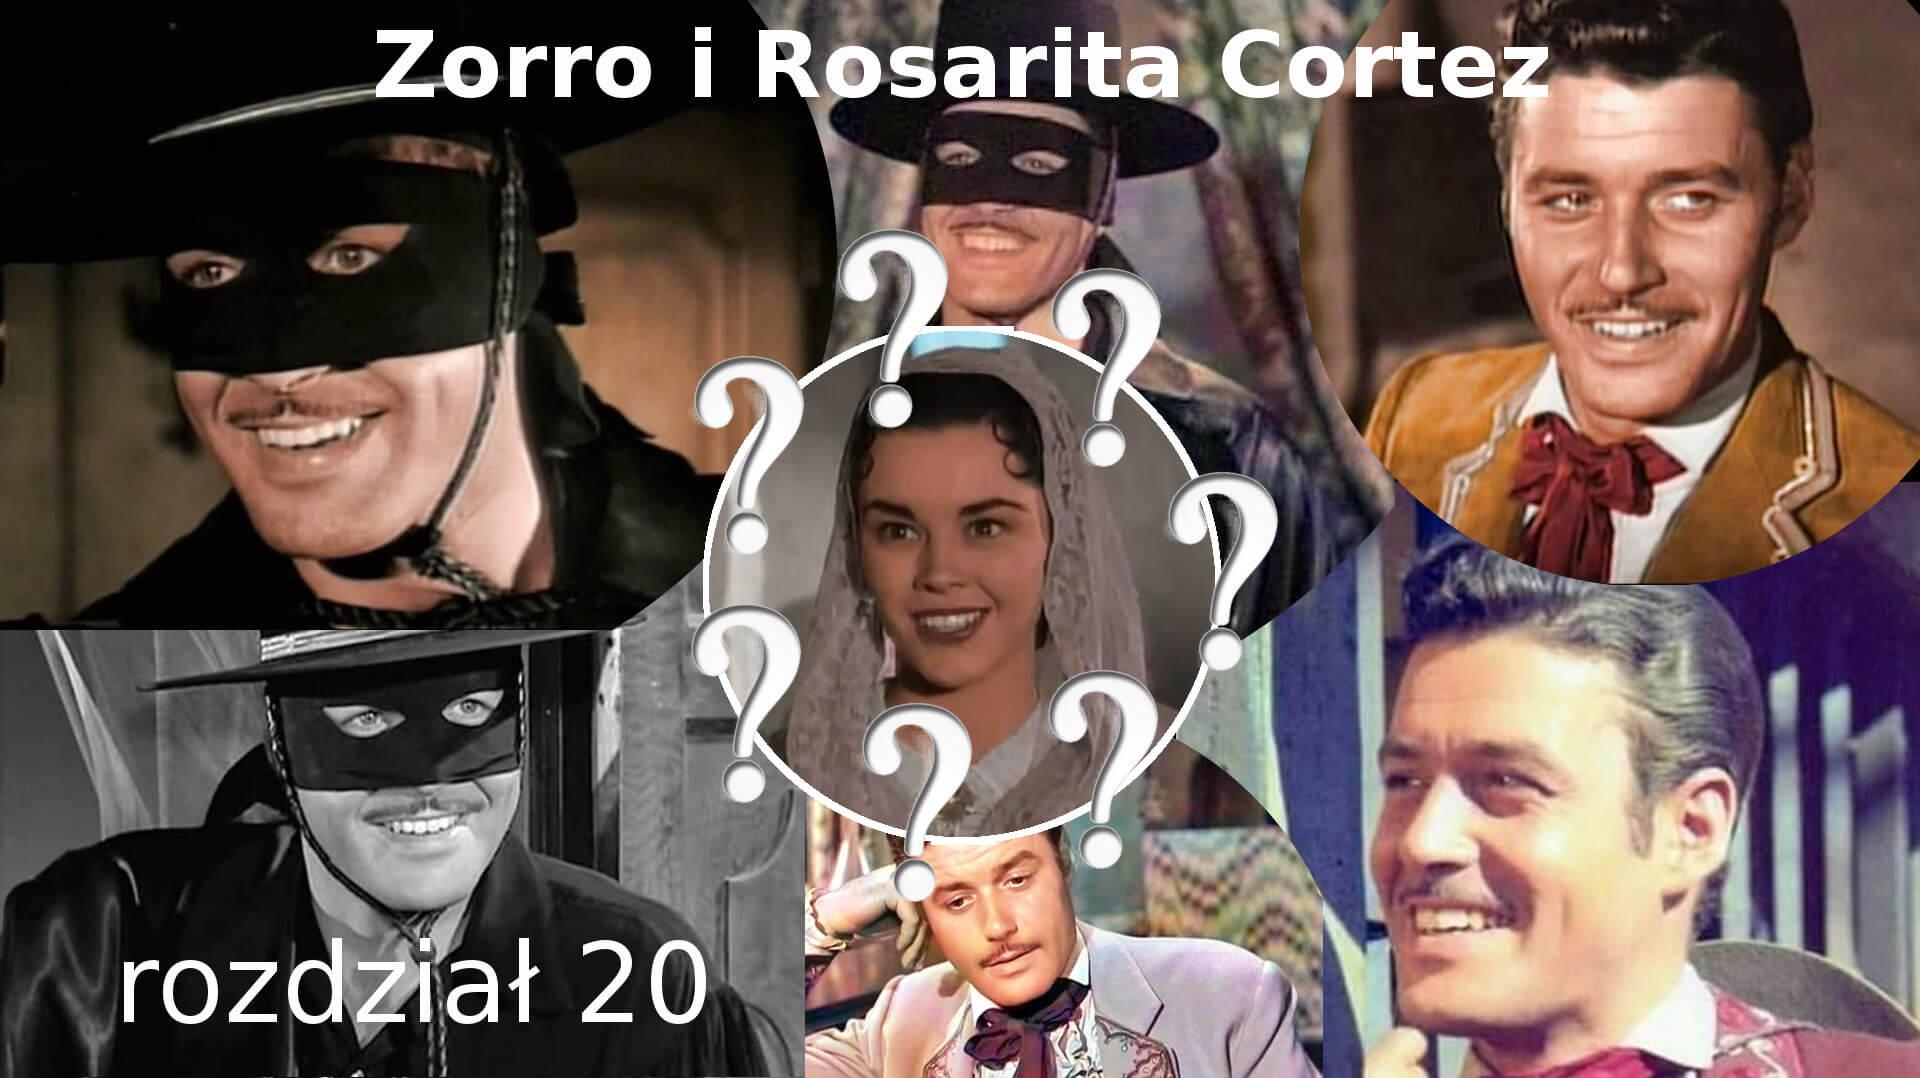 Zorro i Rosarita Cortez rozdział 20 zorro fanfiction